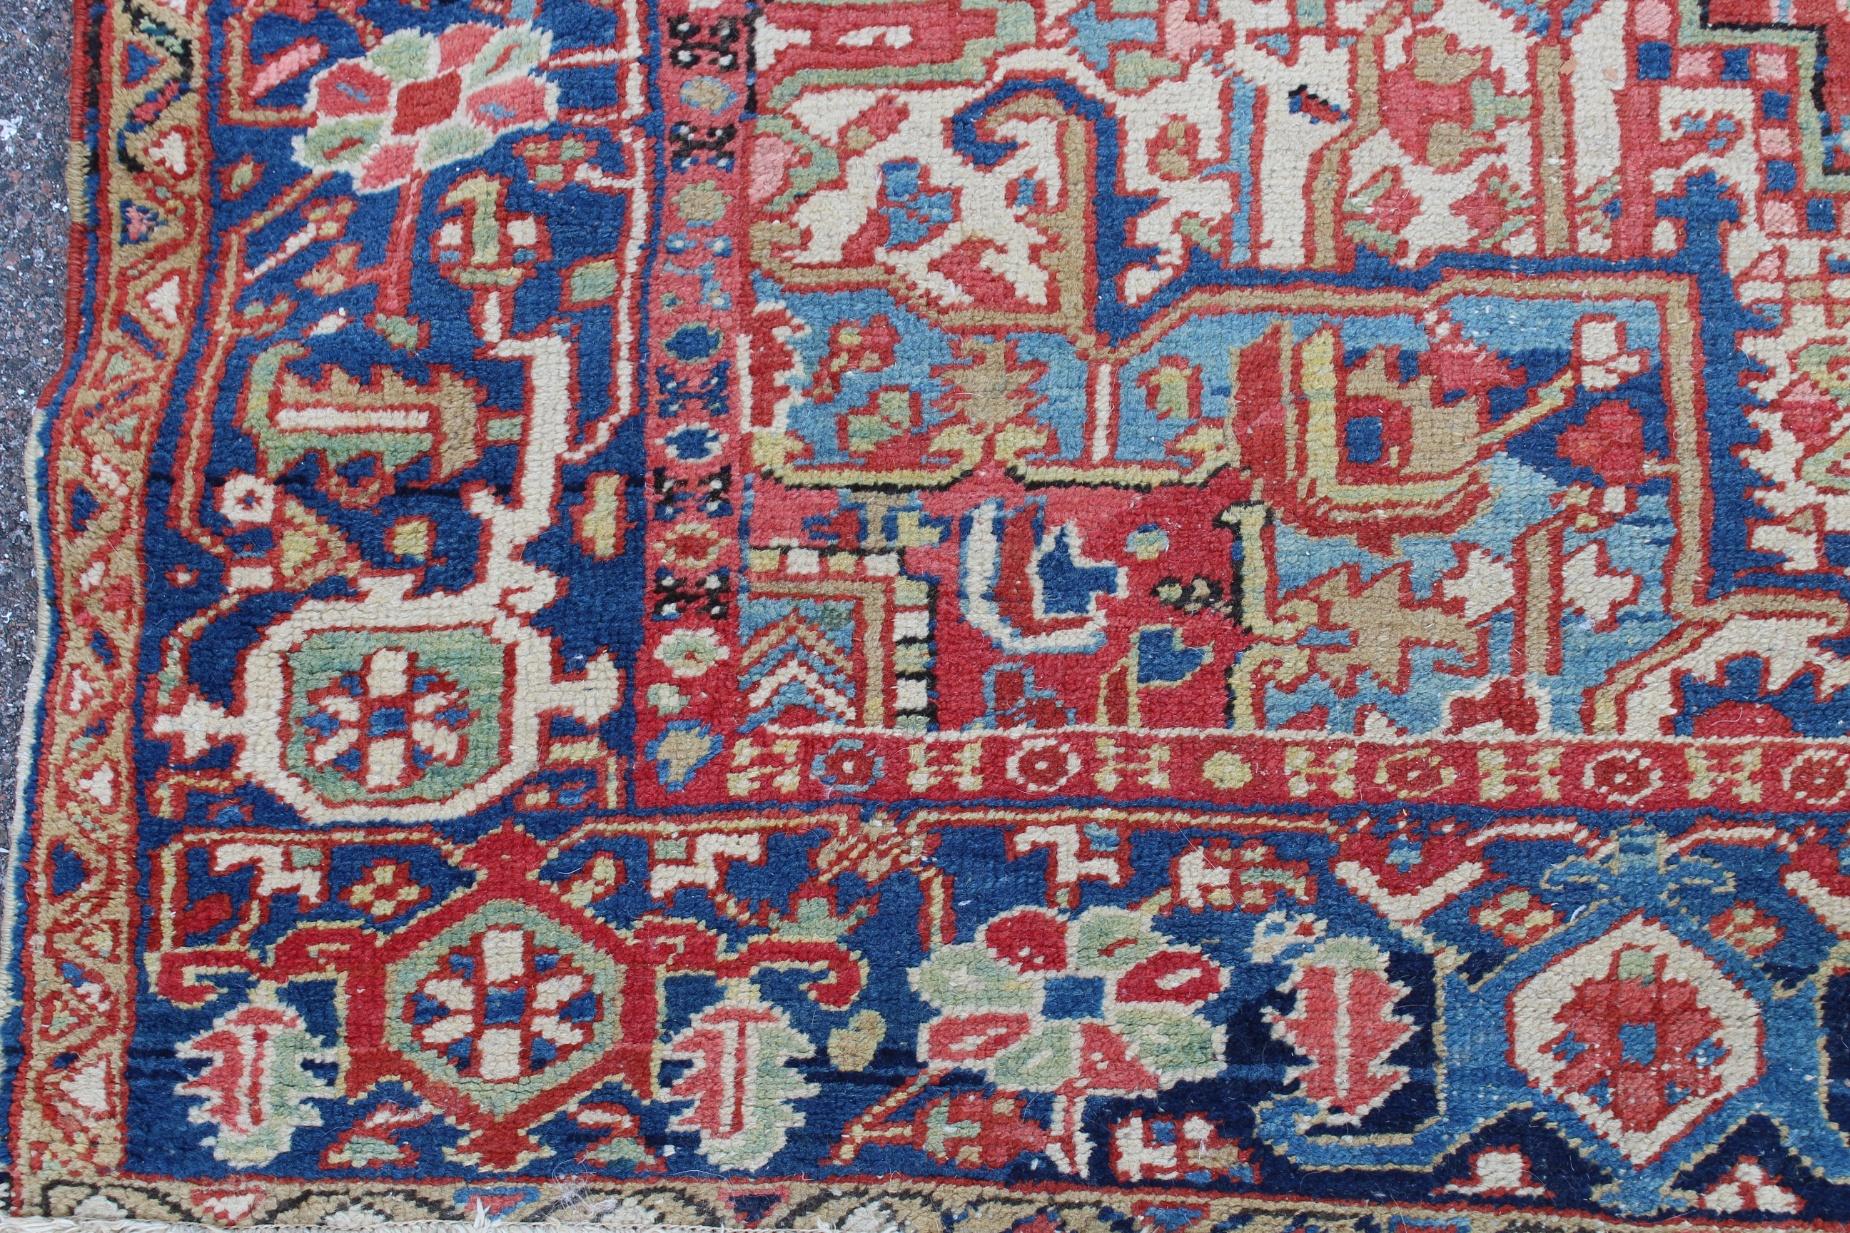 Antique Heriz Rug - Image 3 of 4